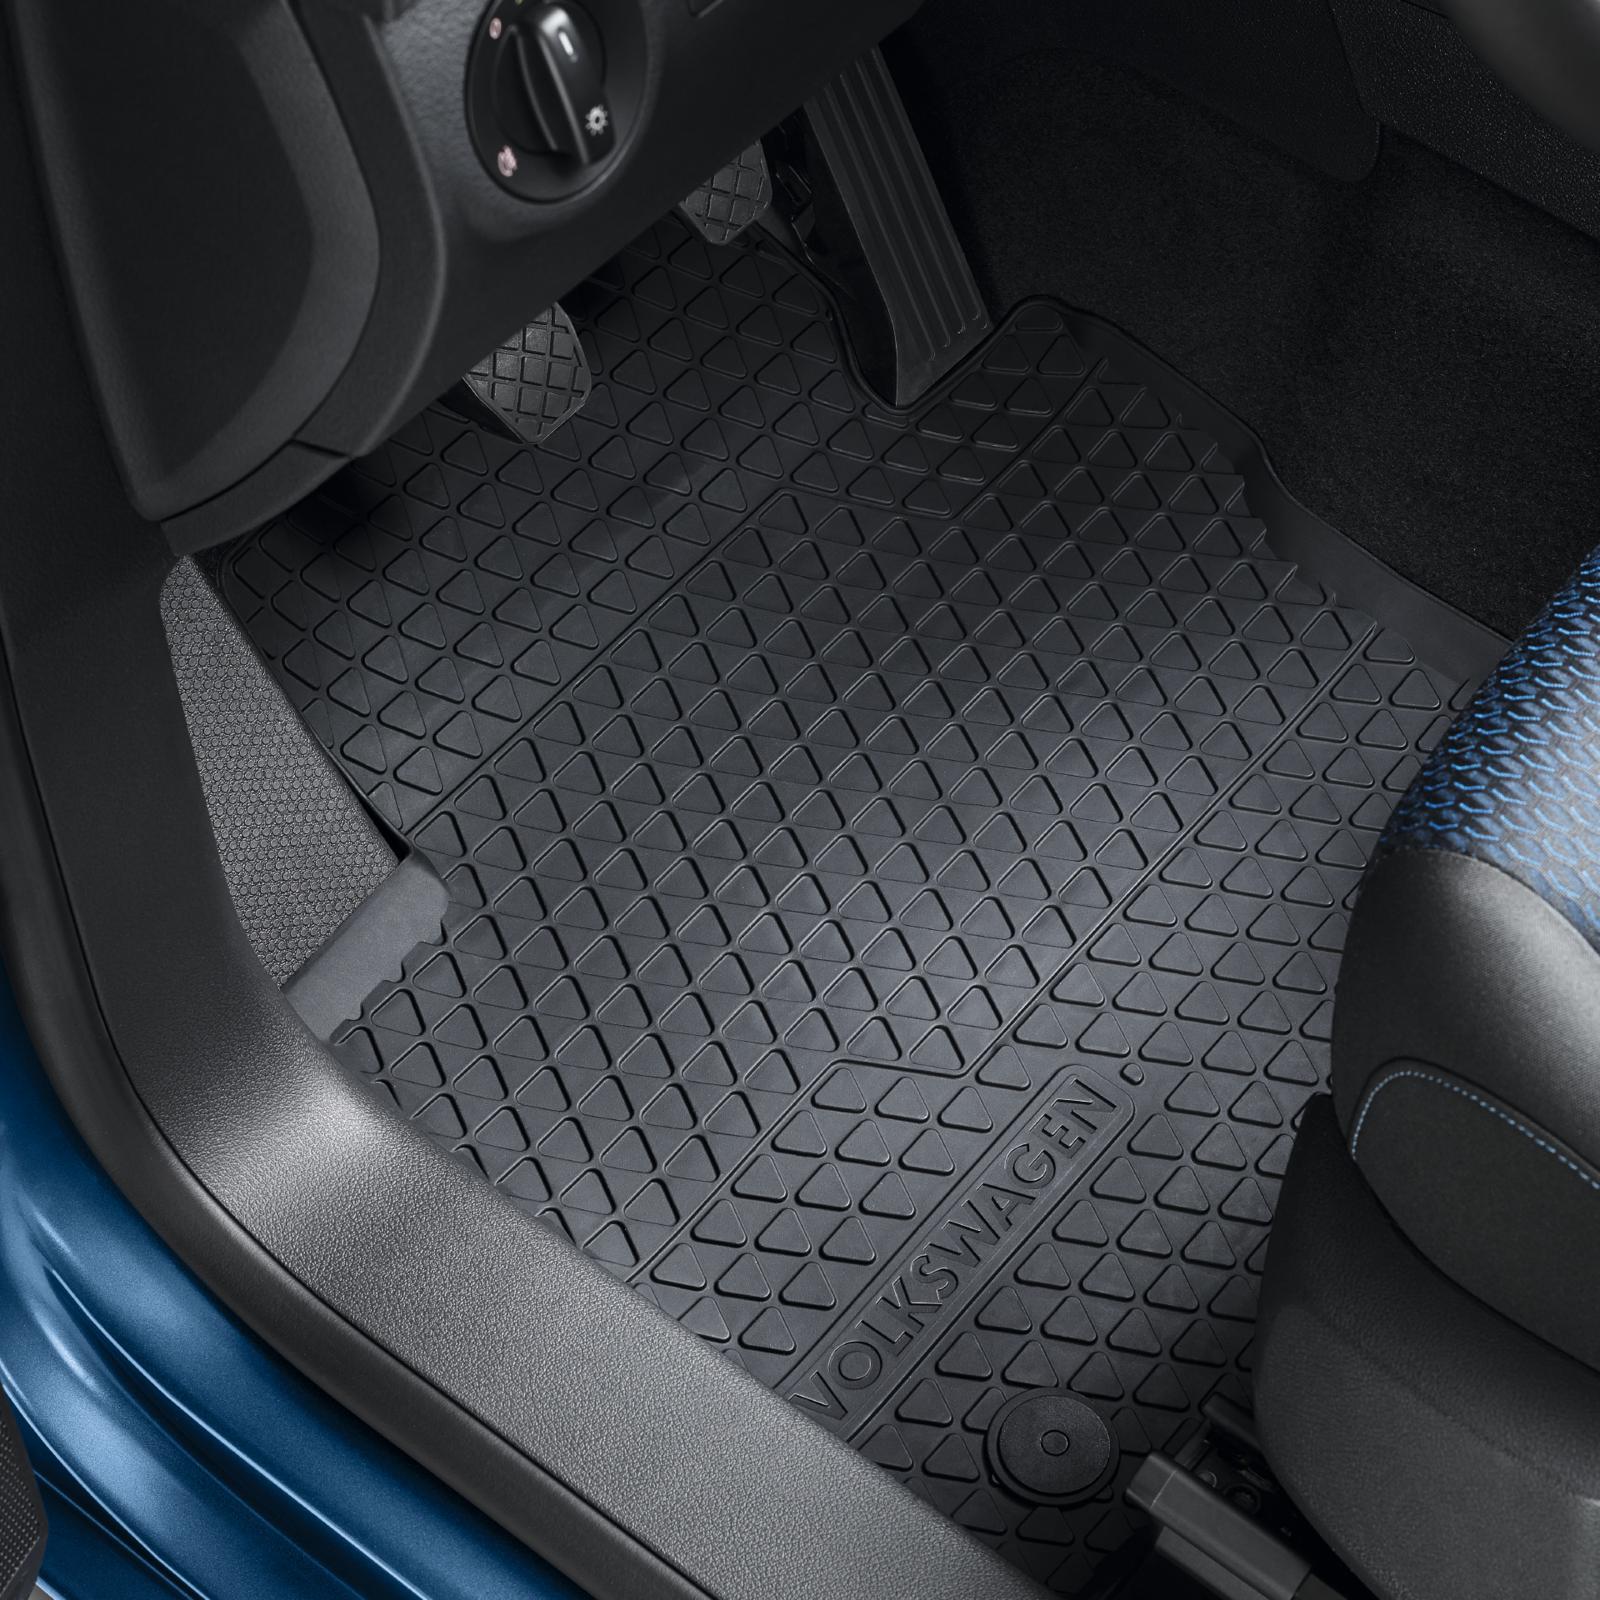 Volkswagen Allwetterfußmatten Gummimatten VW Sharan 7N vorn/hinten 7N1061500041